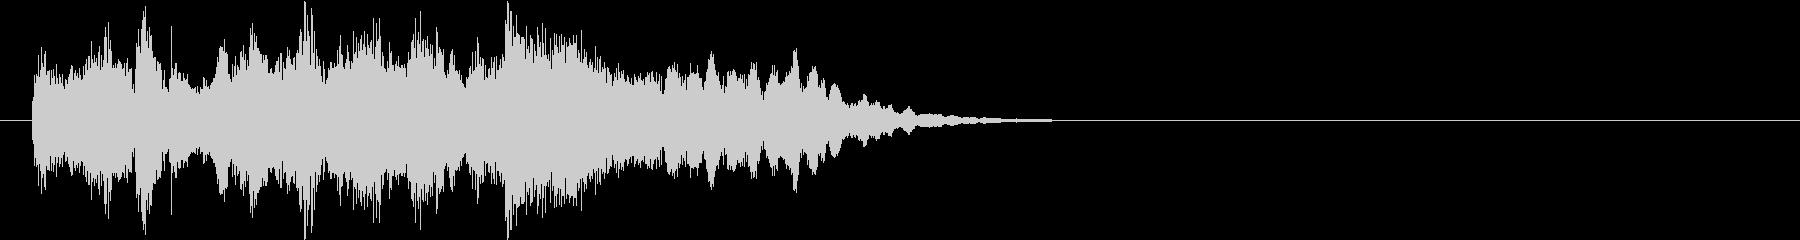 報道 情報 テーマ 場面転換 クイズの未再生の波形